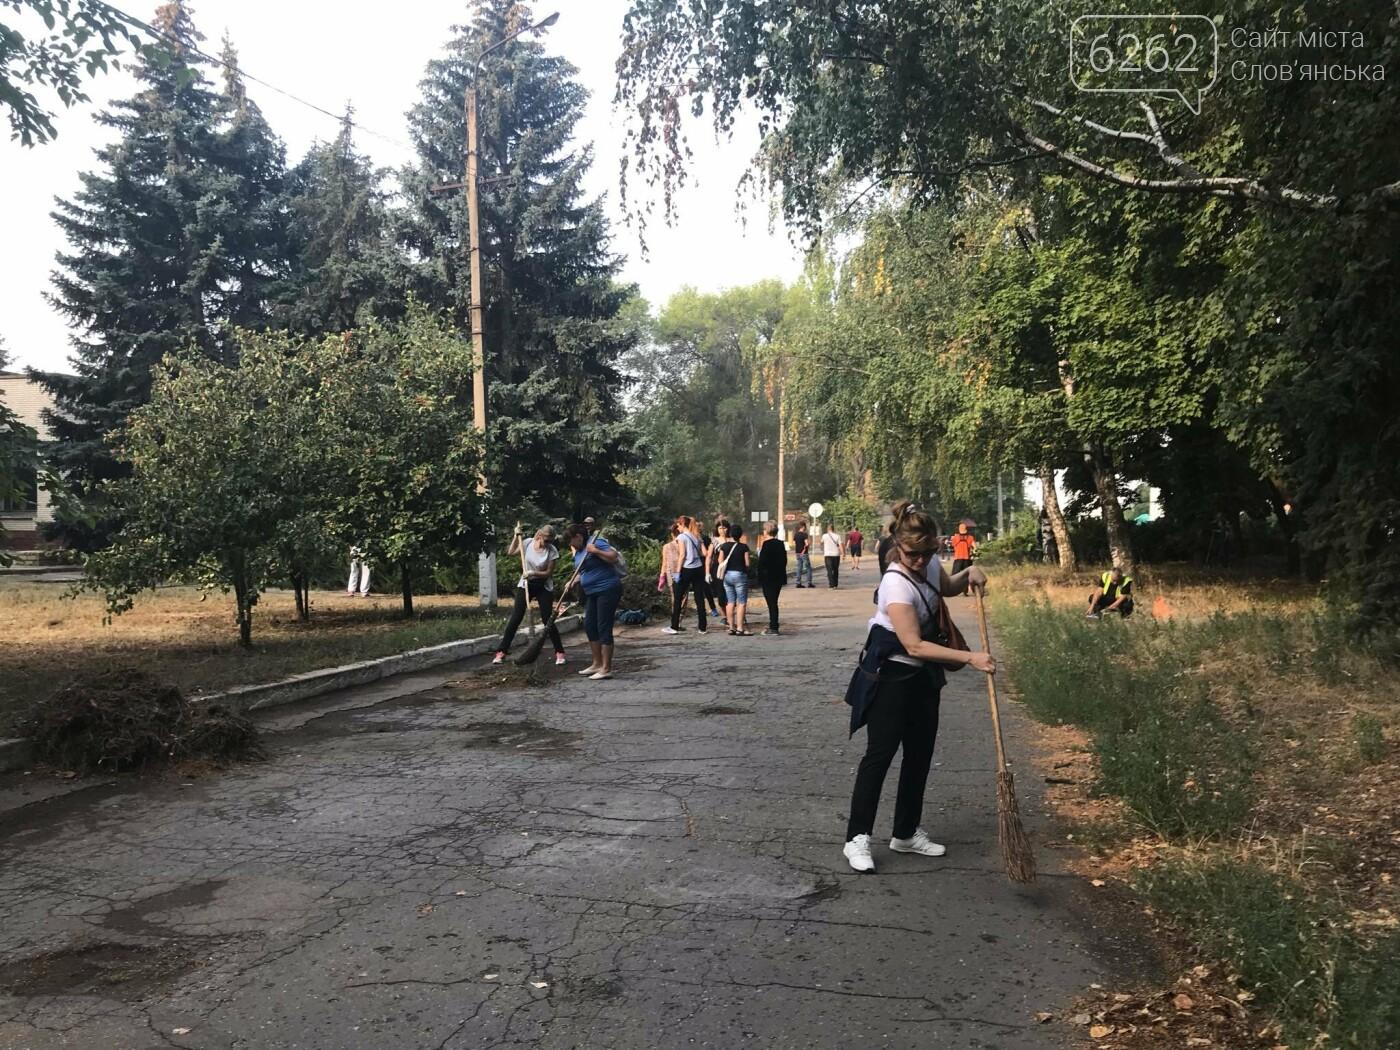 На Словкурорті відбулось велике прибирання (фото, відео)  , фото-2